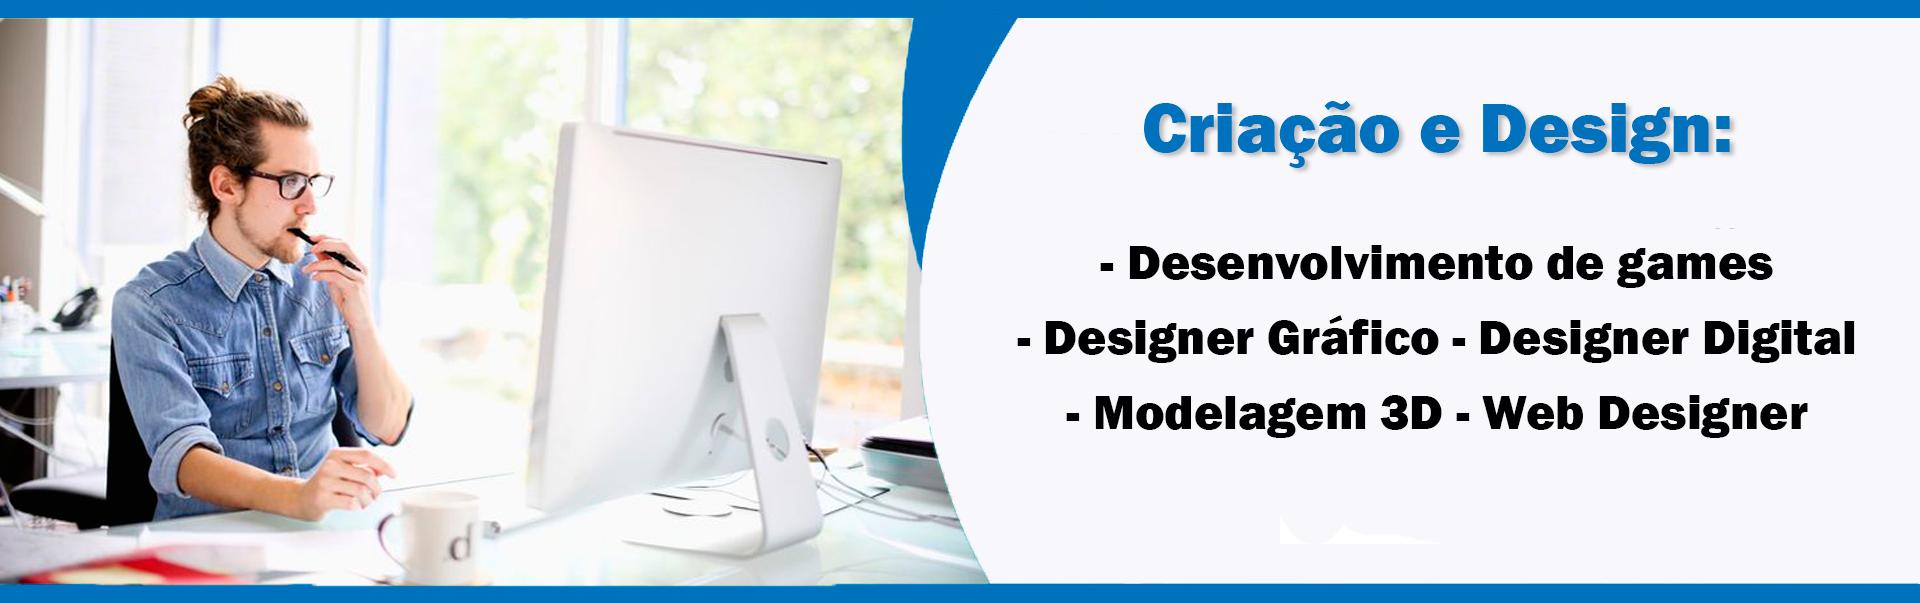 banner cursos design